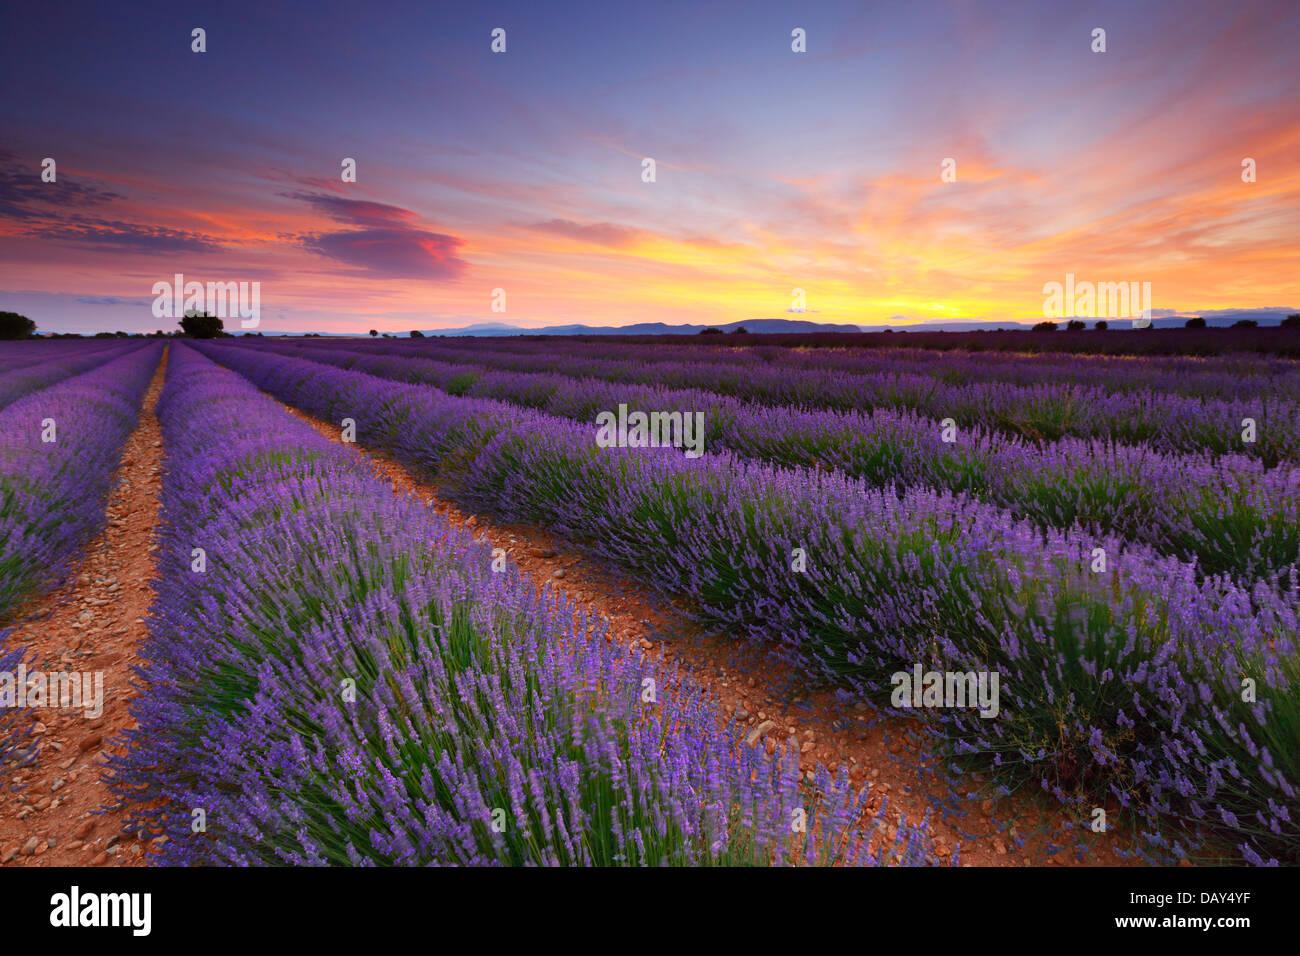 Lavendel Feld Sonnenuntergang Landschaft Stockbild